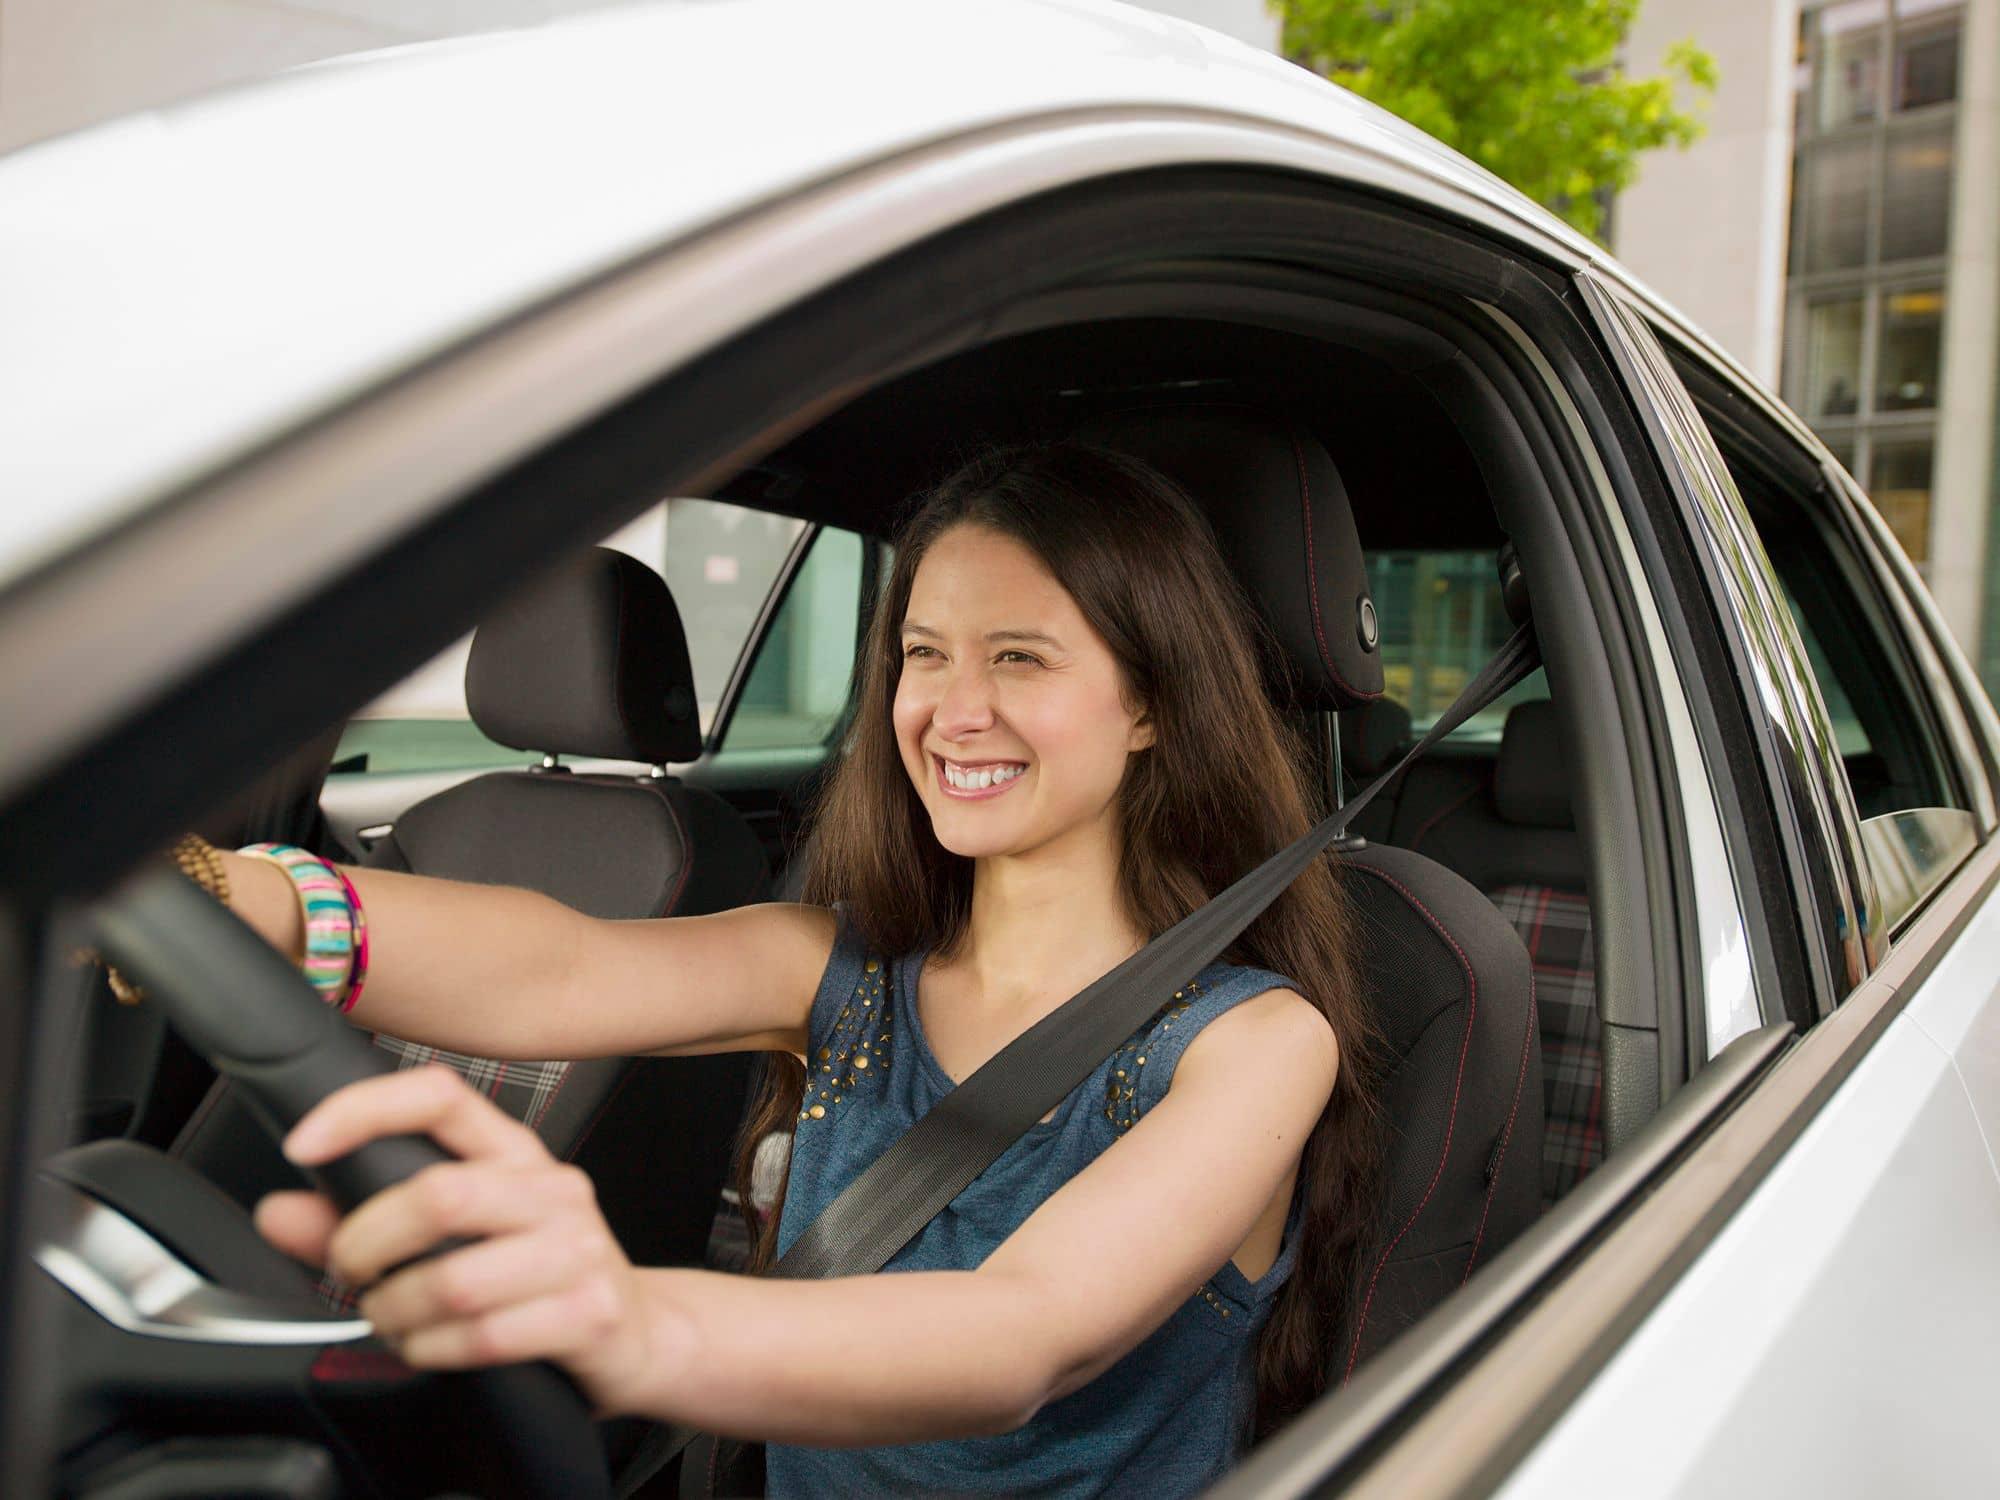 Quais são as regras para trabalhar com carro próprio? Entenda aqui